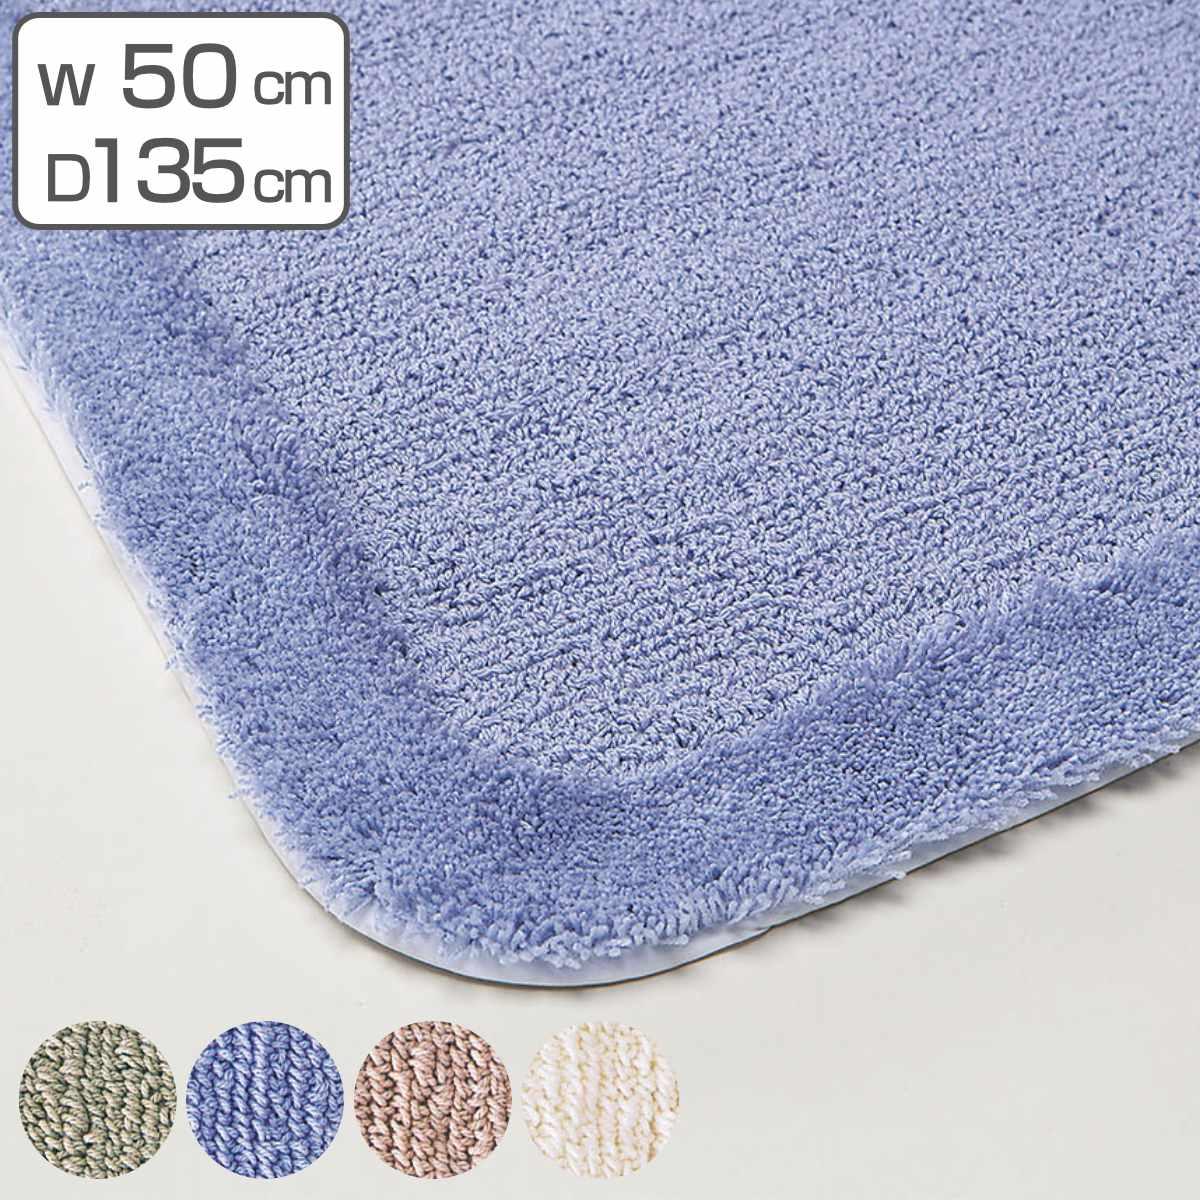 バスマット業務用 吸水ループパイル ノンスリップ抗菌仕様 50×135  ( 足拭き 風呂マット 送料無料 )